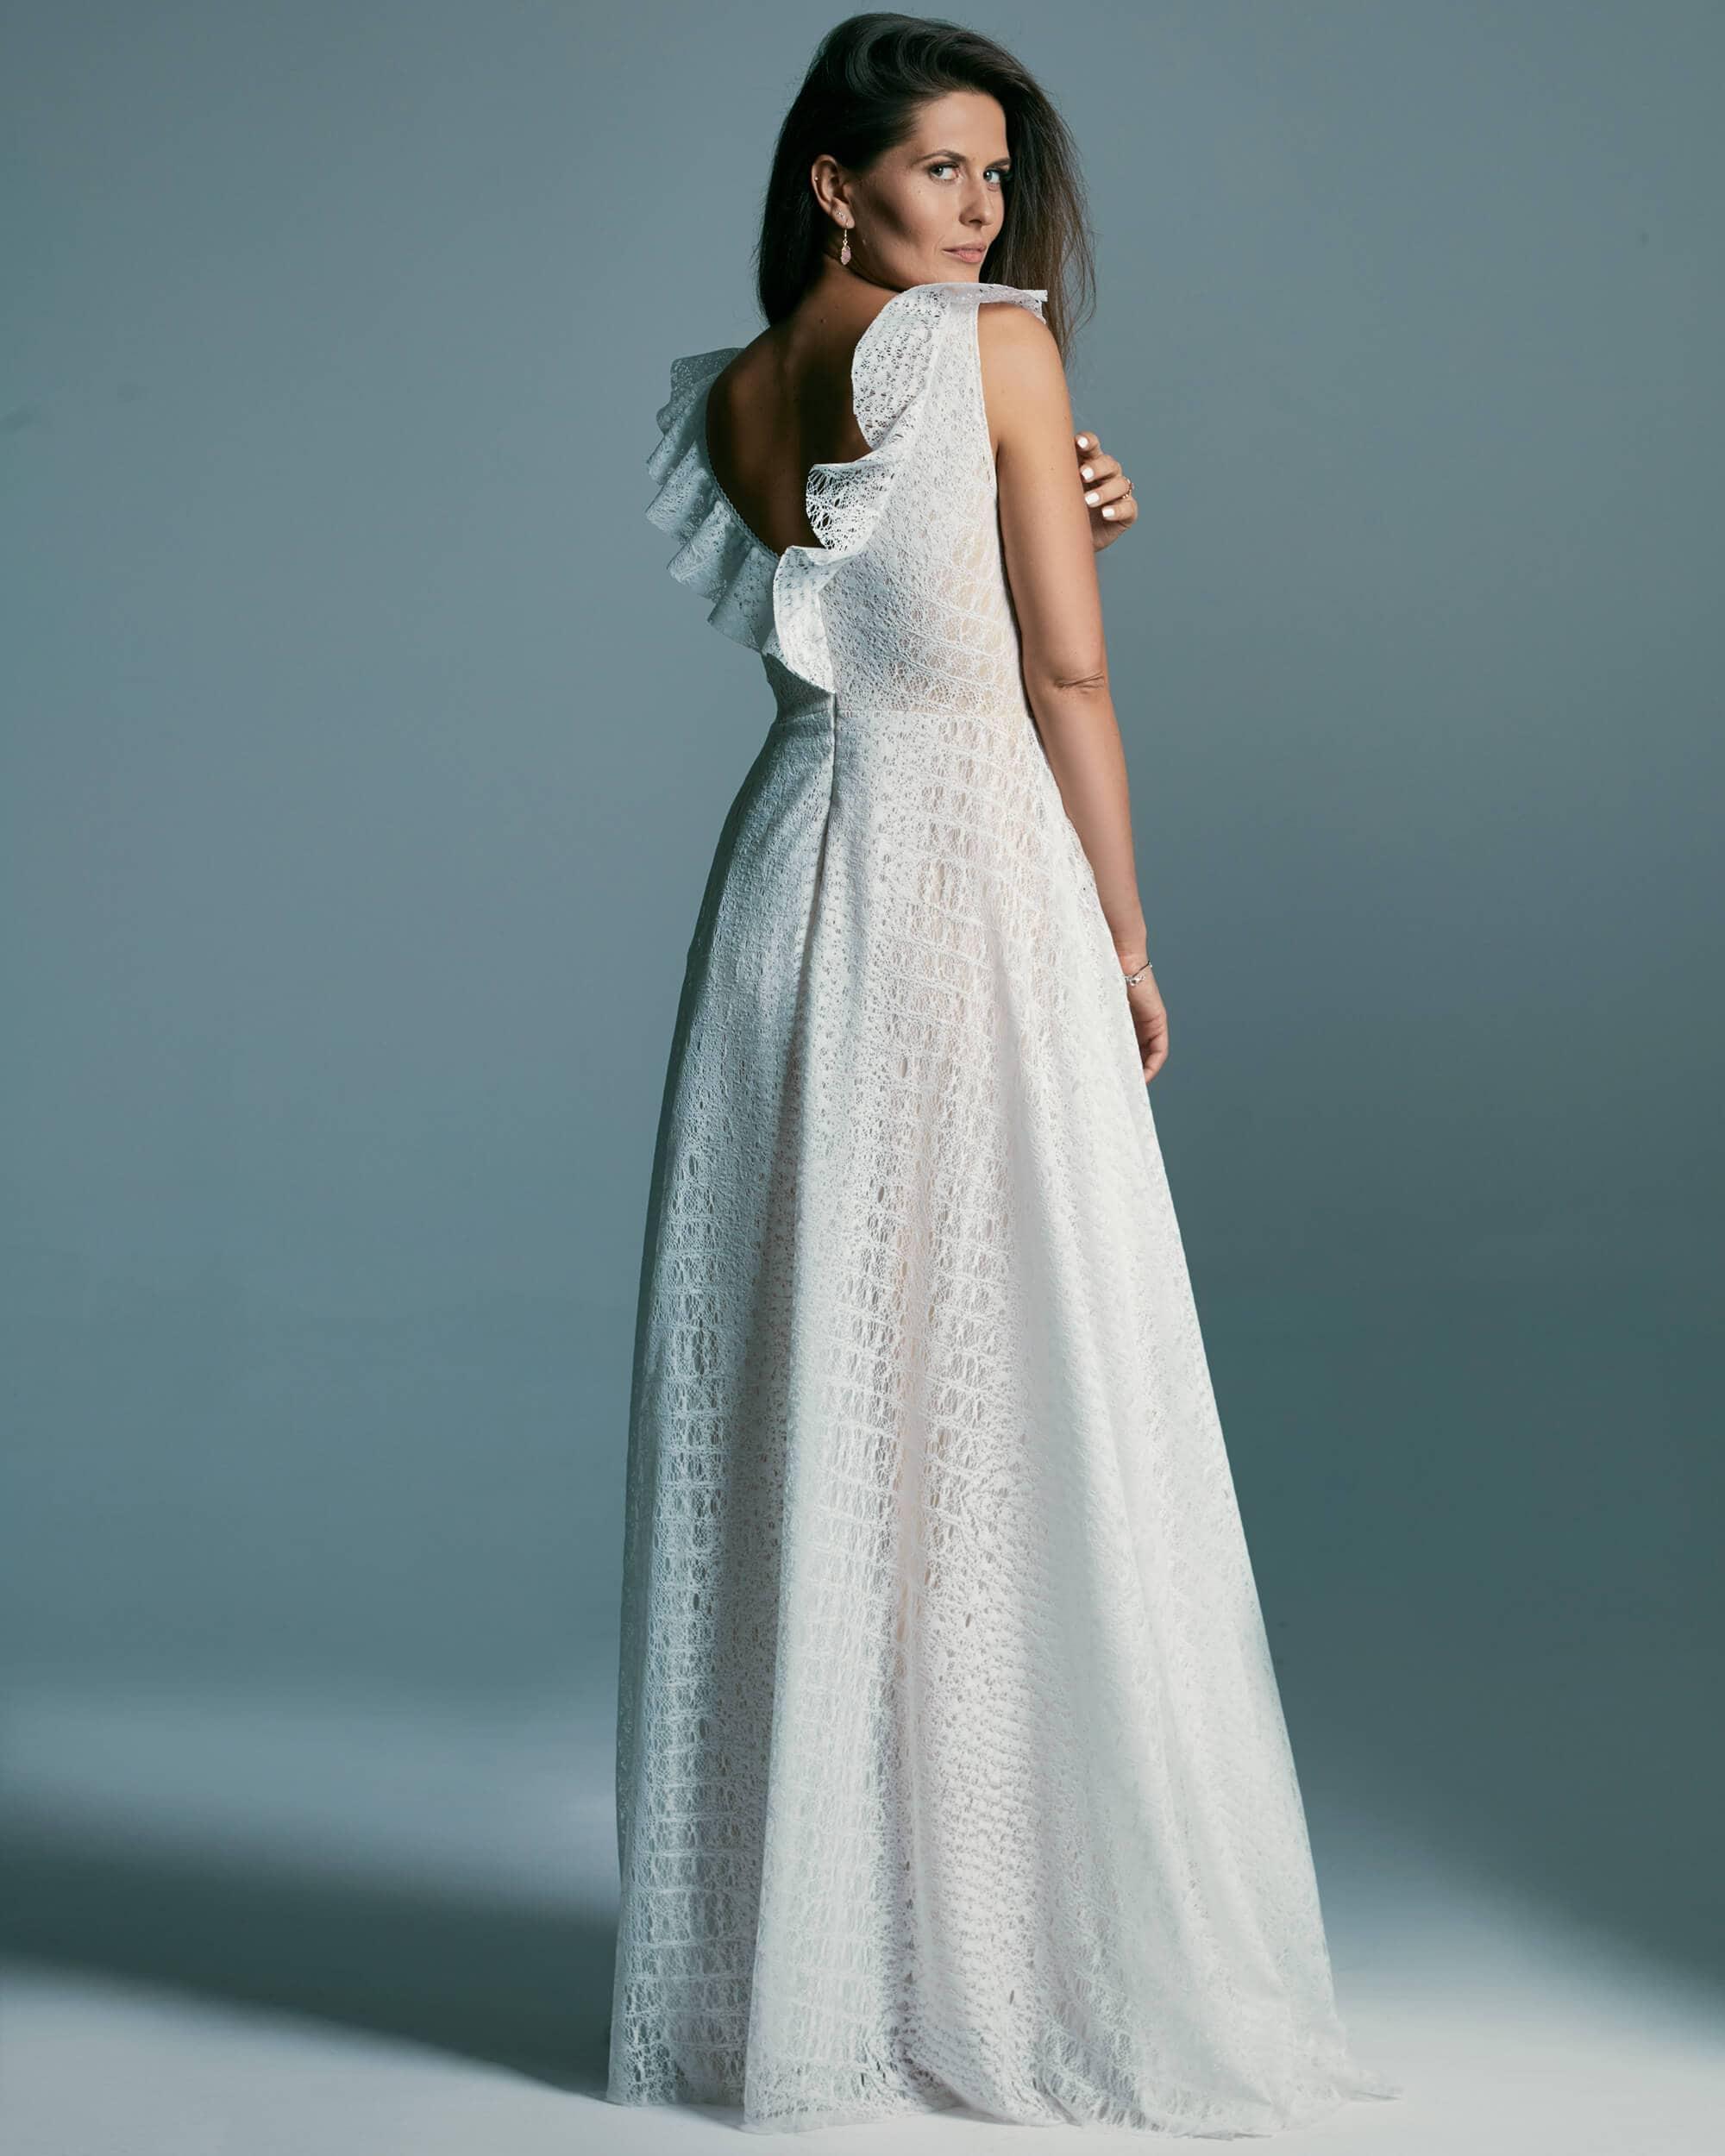 Rustykalna, romantyczna, zwiewna suknia ślubna - Santorini 4